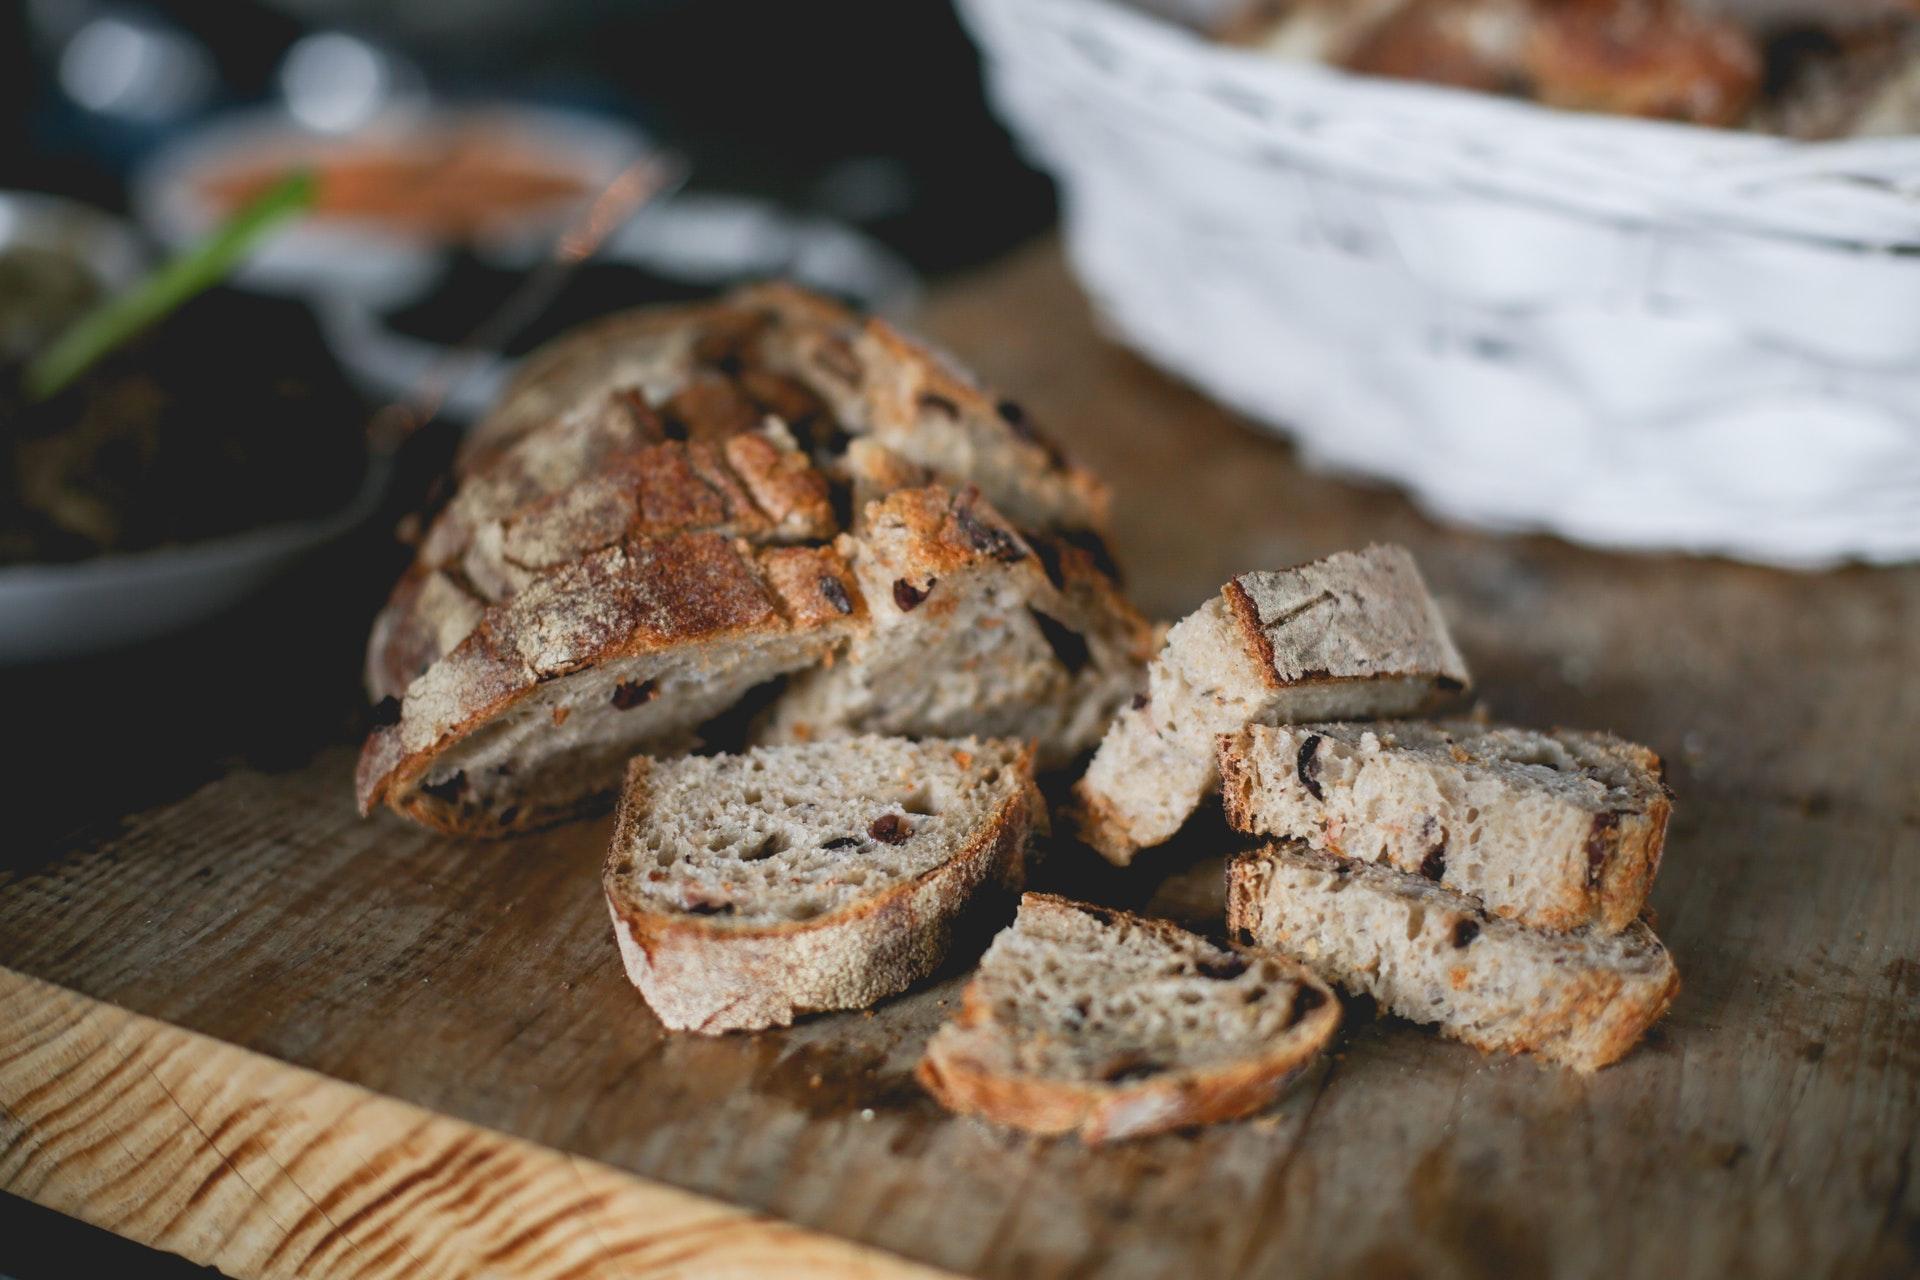 Диетолог Макиша: Употребление хлеба из муки высшего сорта приводит к диабету